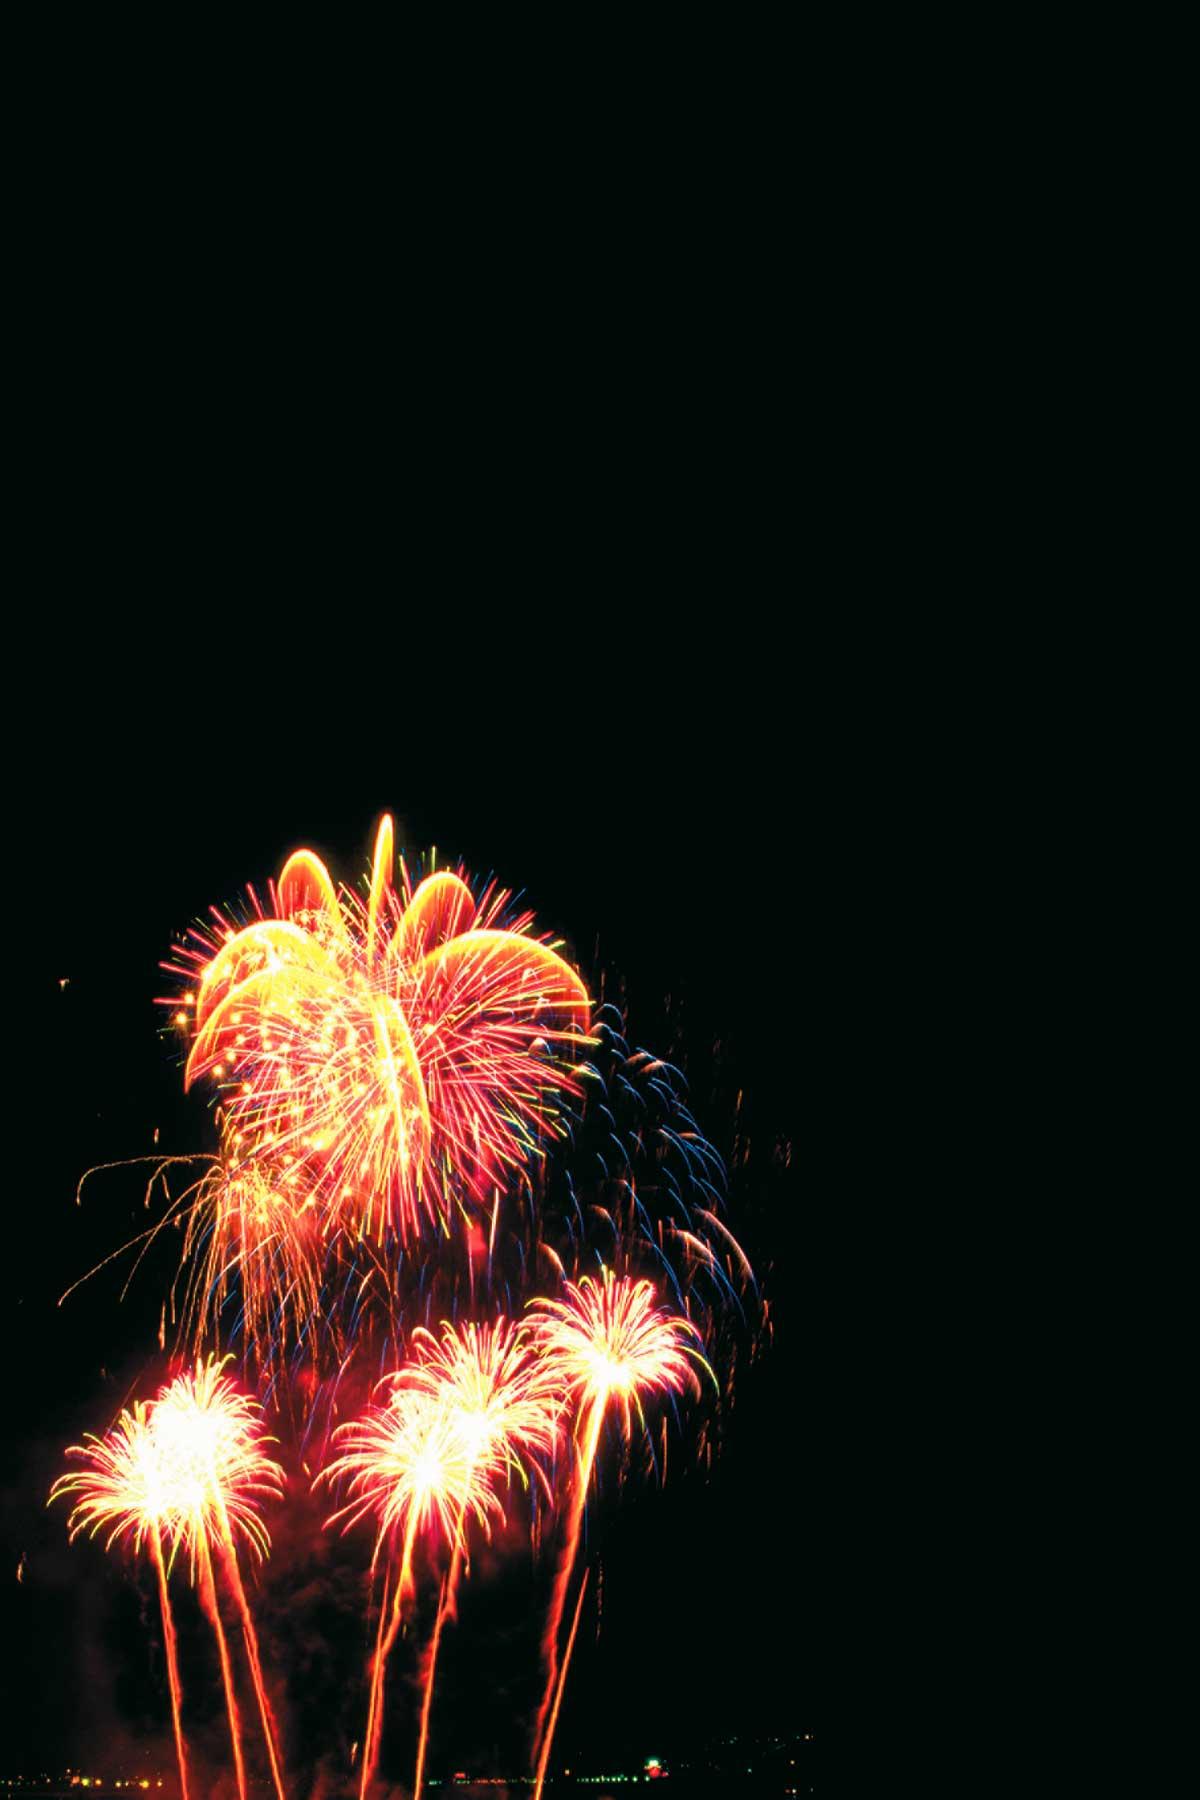 Ein Feuerwerk der superlative bei nacht